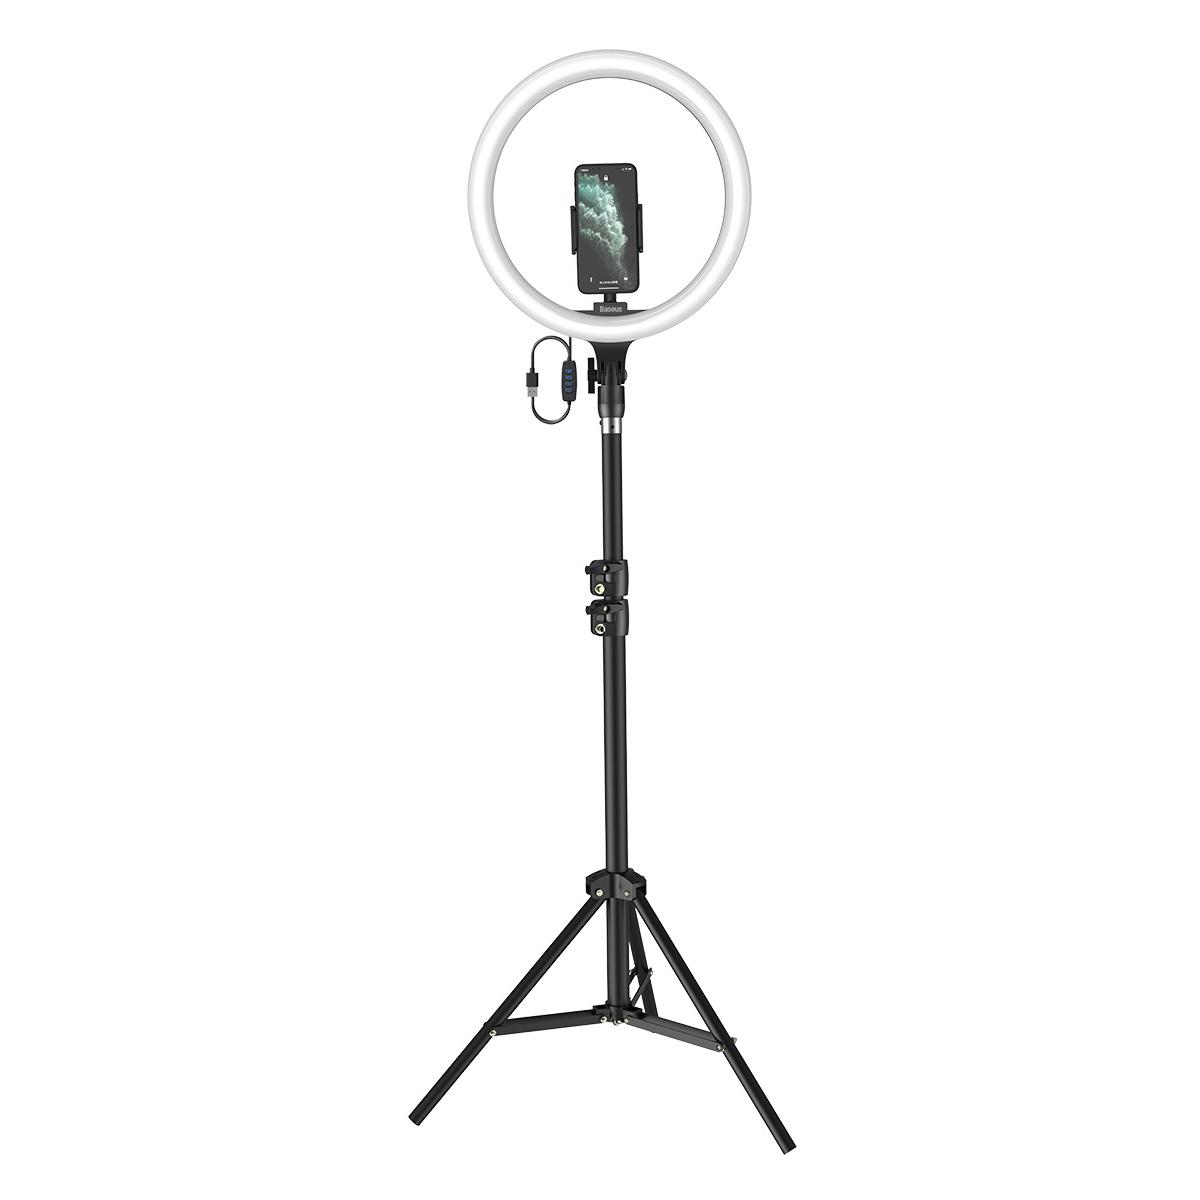 ARO DE Luz para Celulares Baseus Live Stream 12 polegadas com Tripé